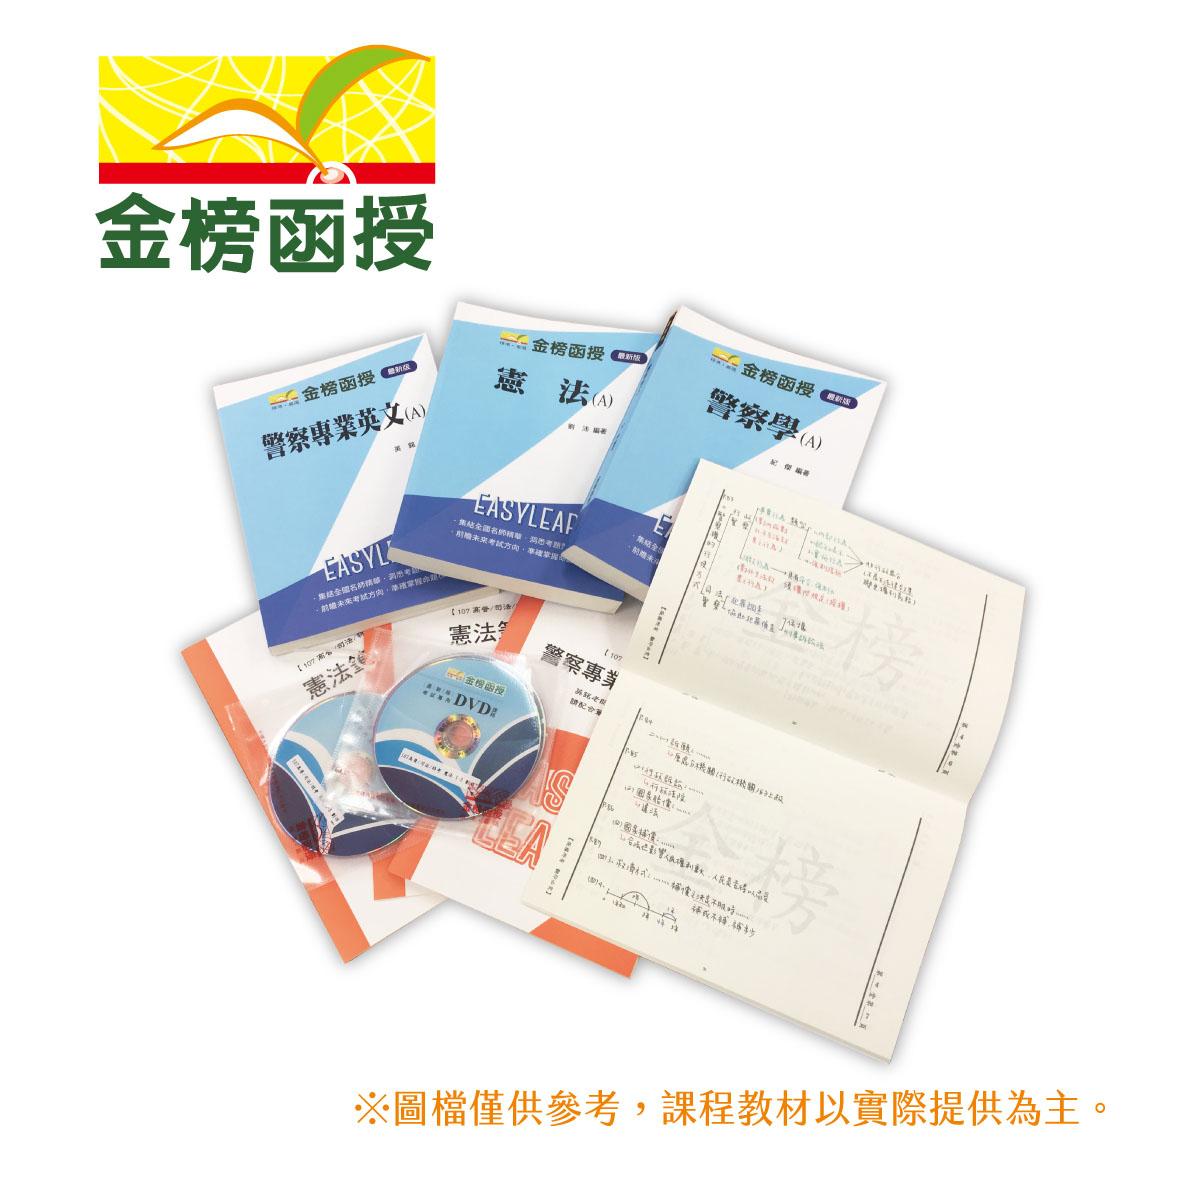 107金榜函授/移民署特考/四等/全套/移民行政/MP3/专业科目